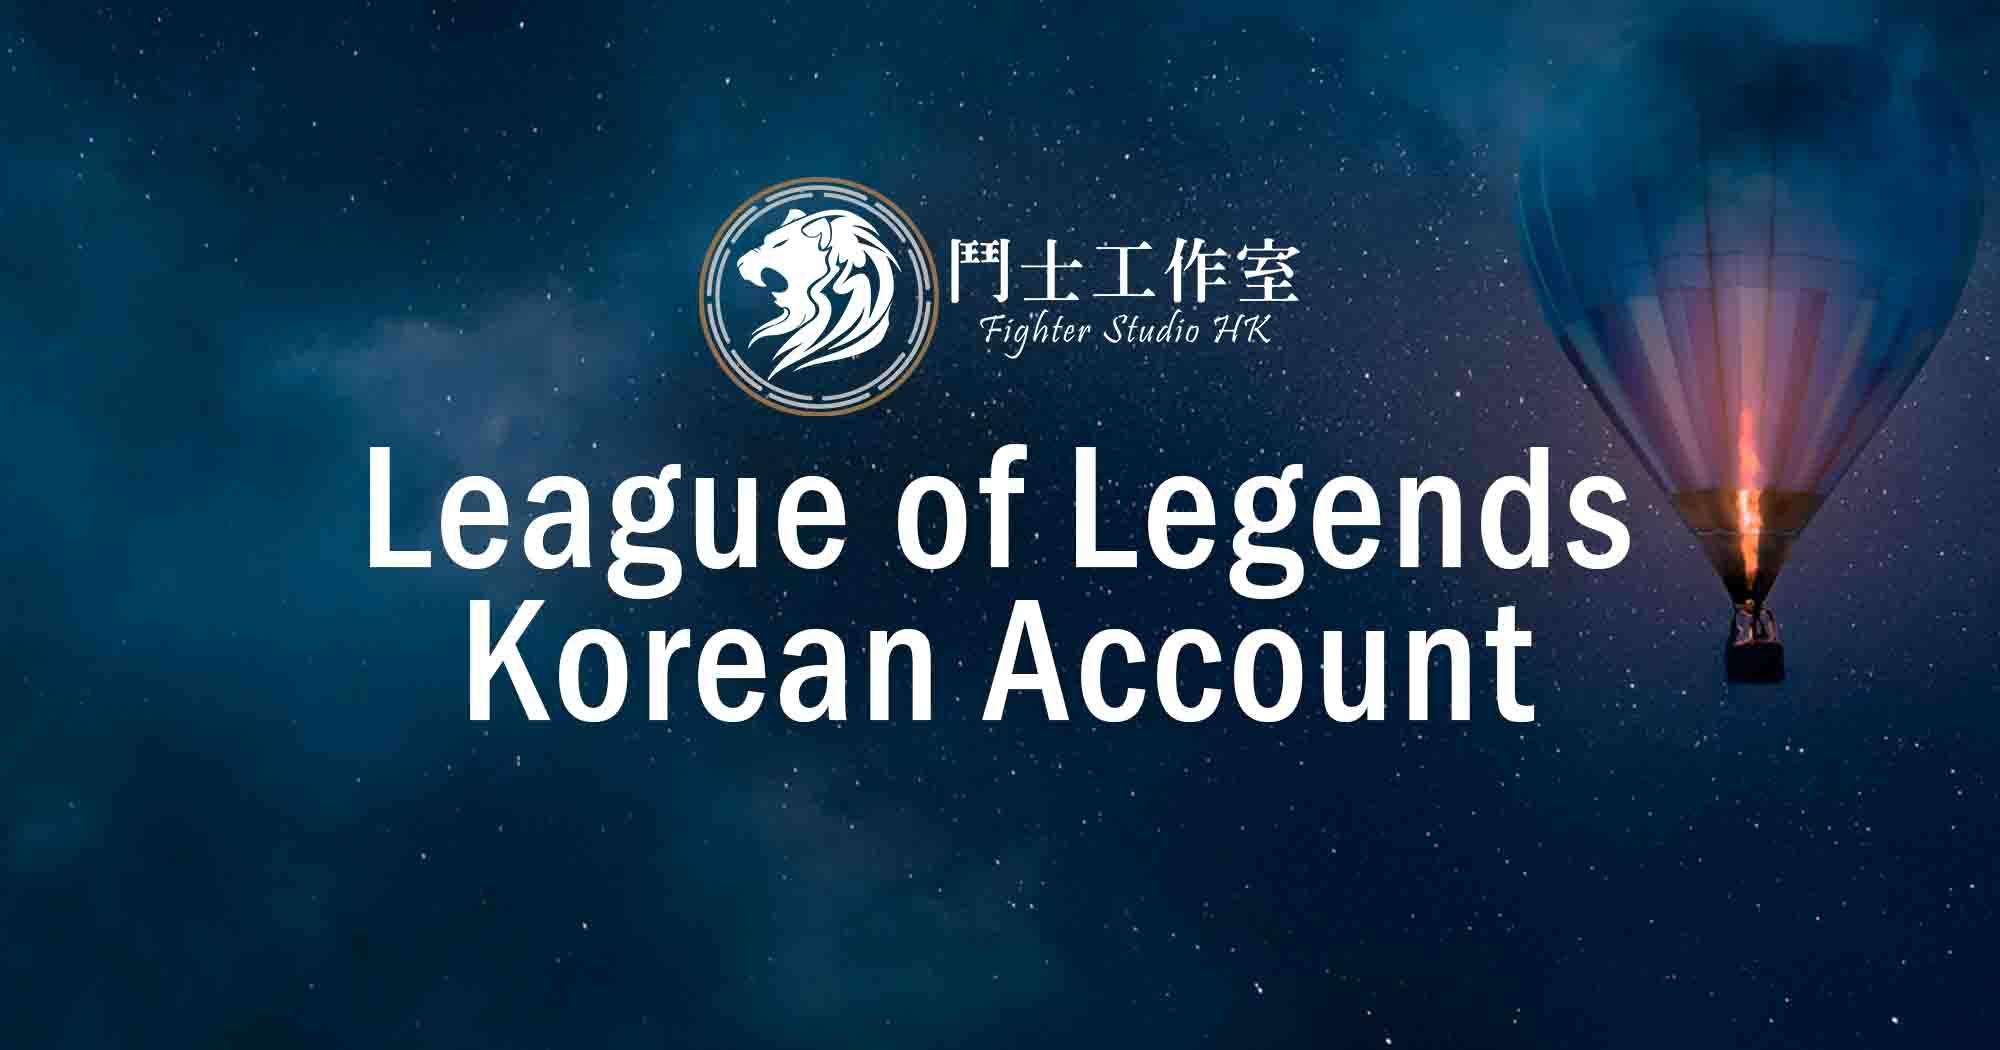 LOL Korean Account - Best Seller (special sale) | 【鬥士工作室】